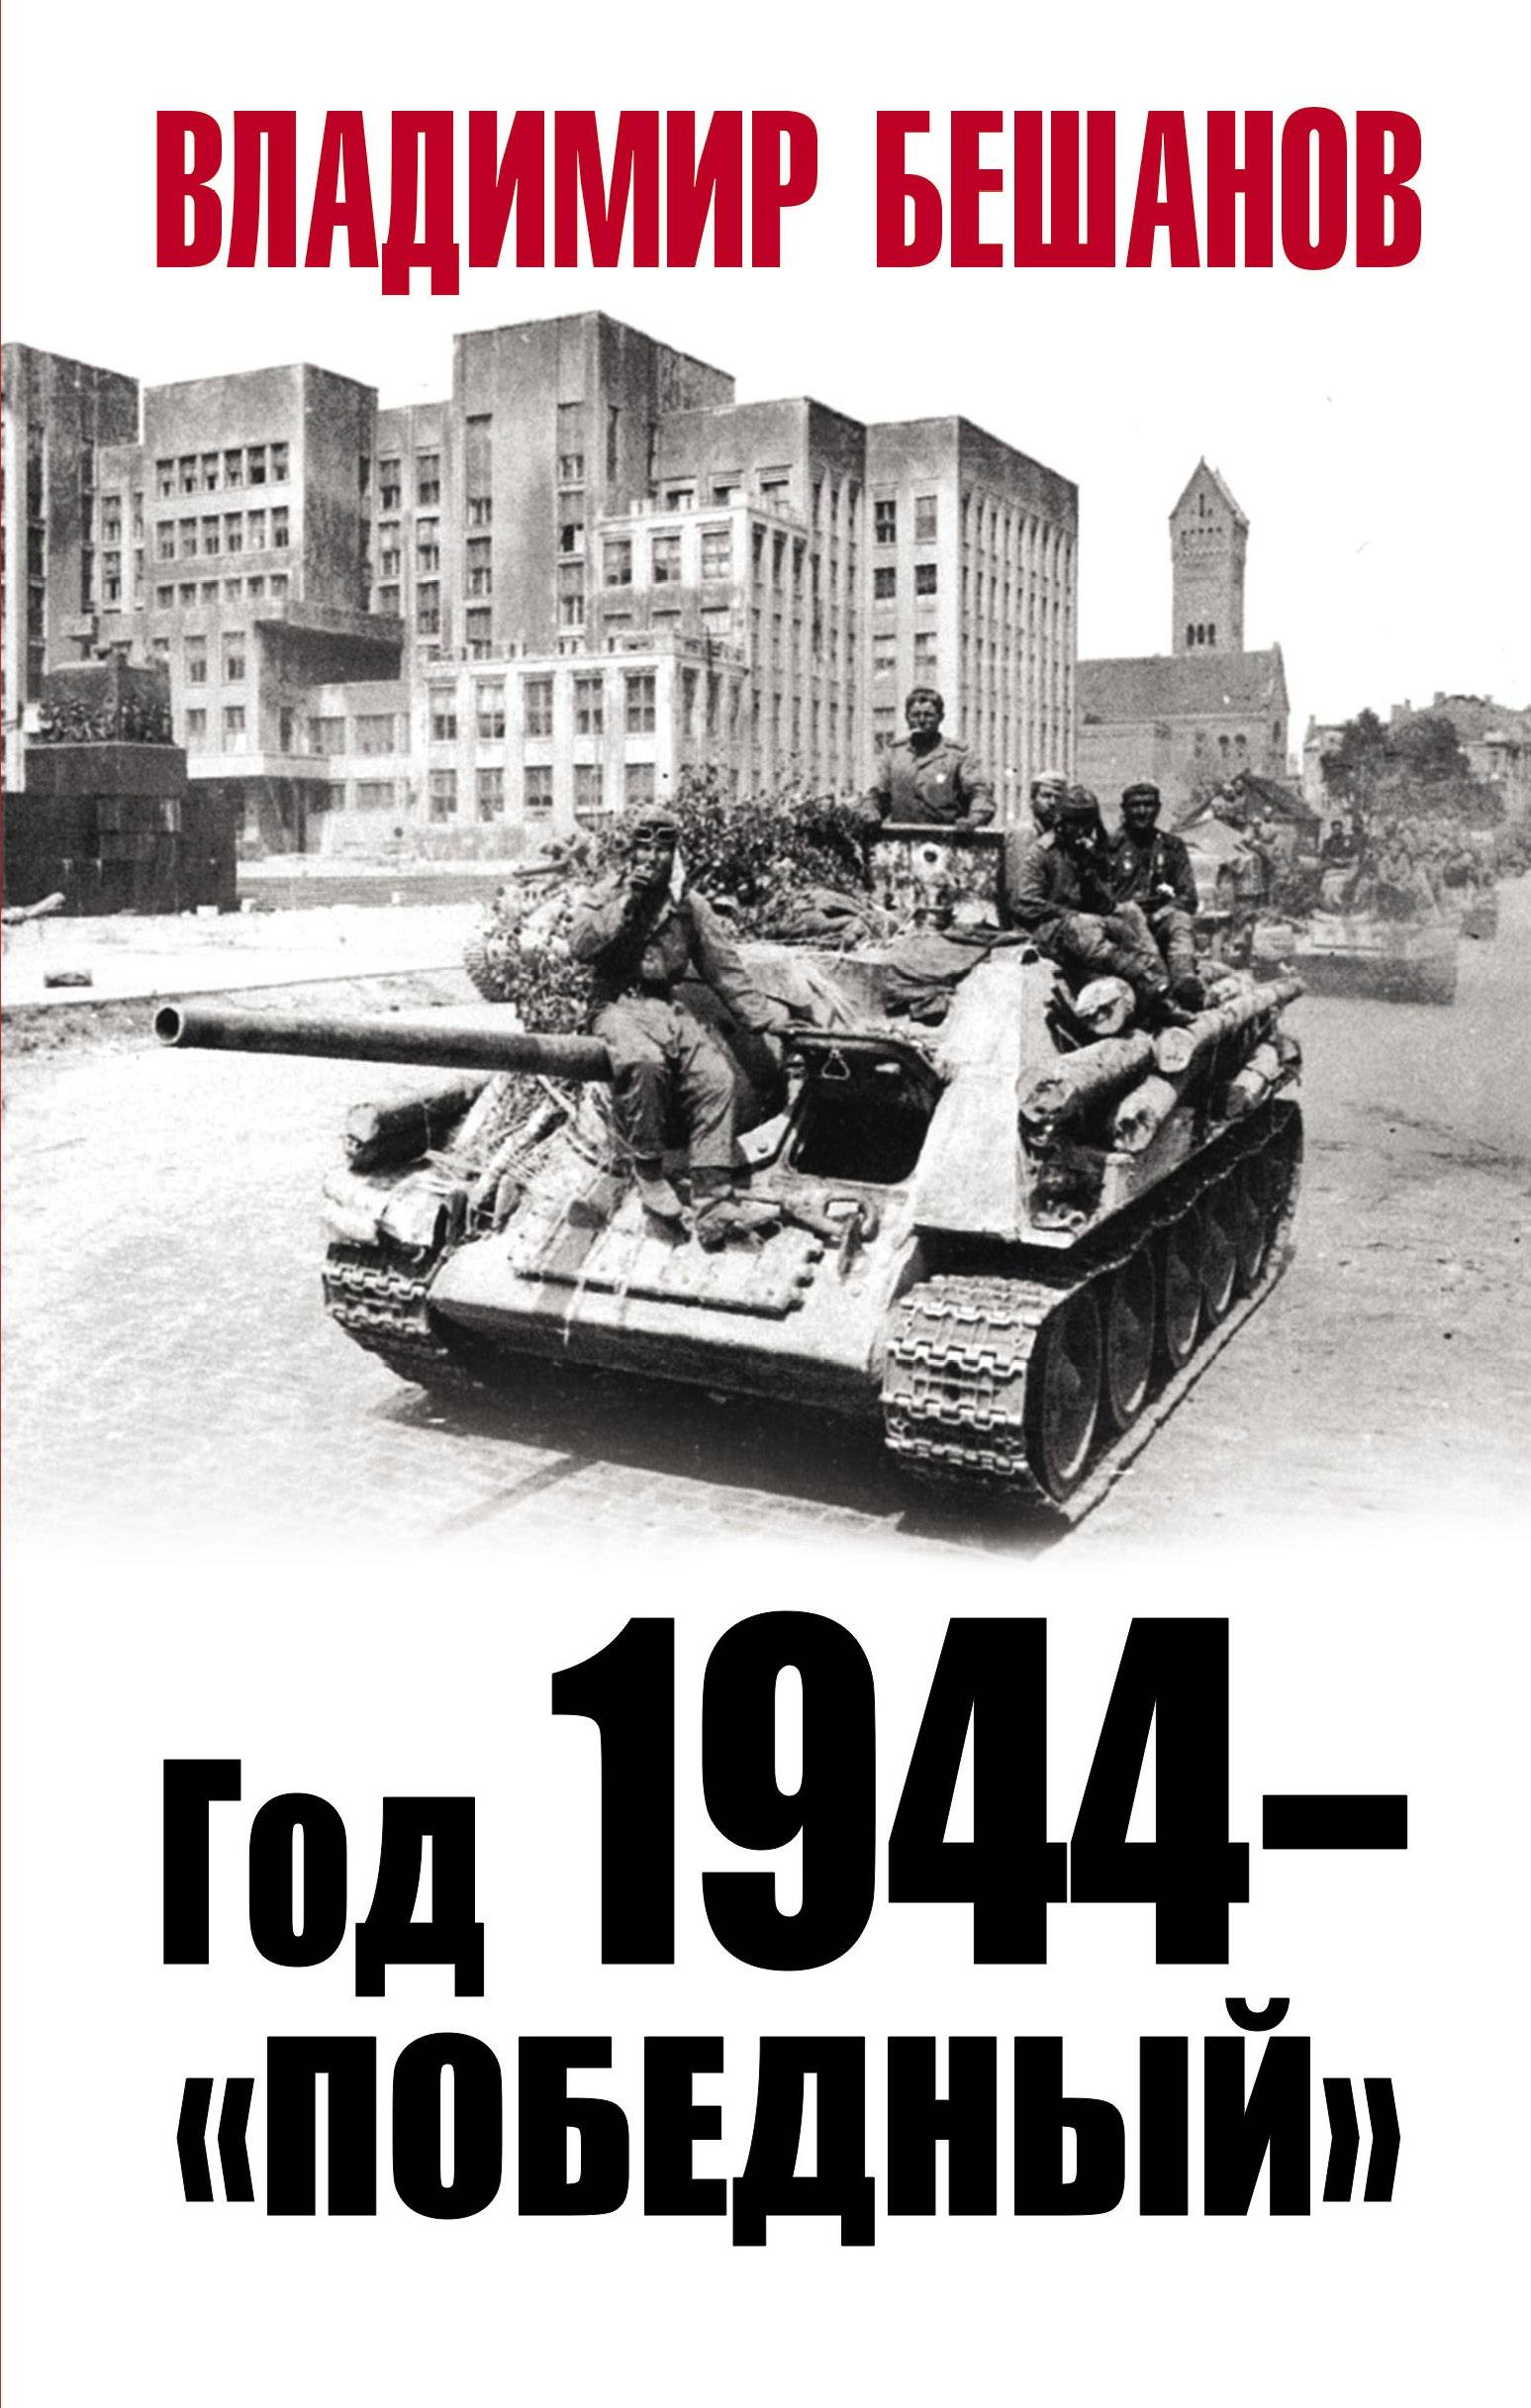 """God 1944 - """"pobednyj"""""""